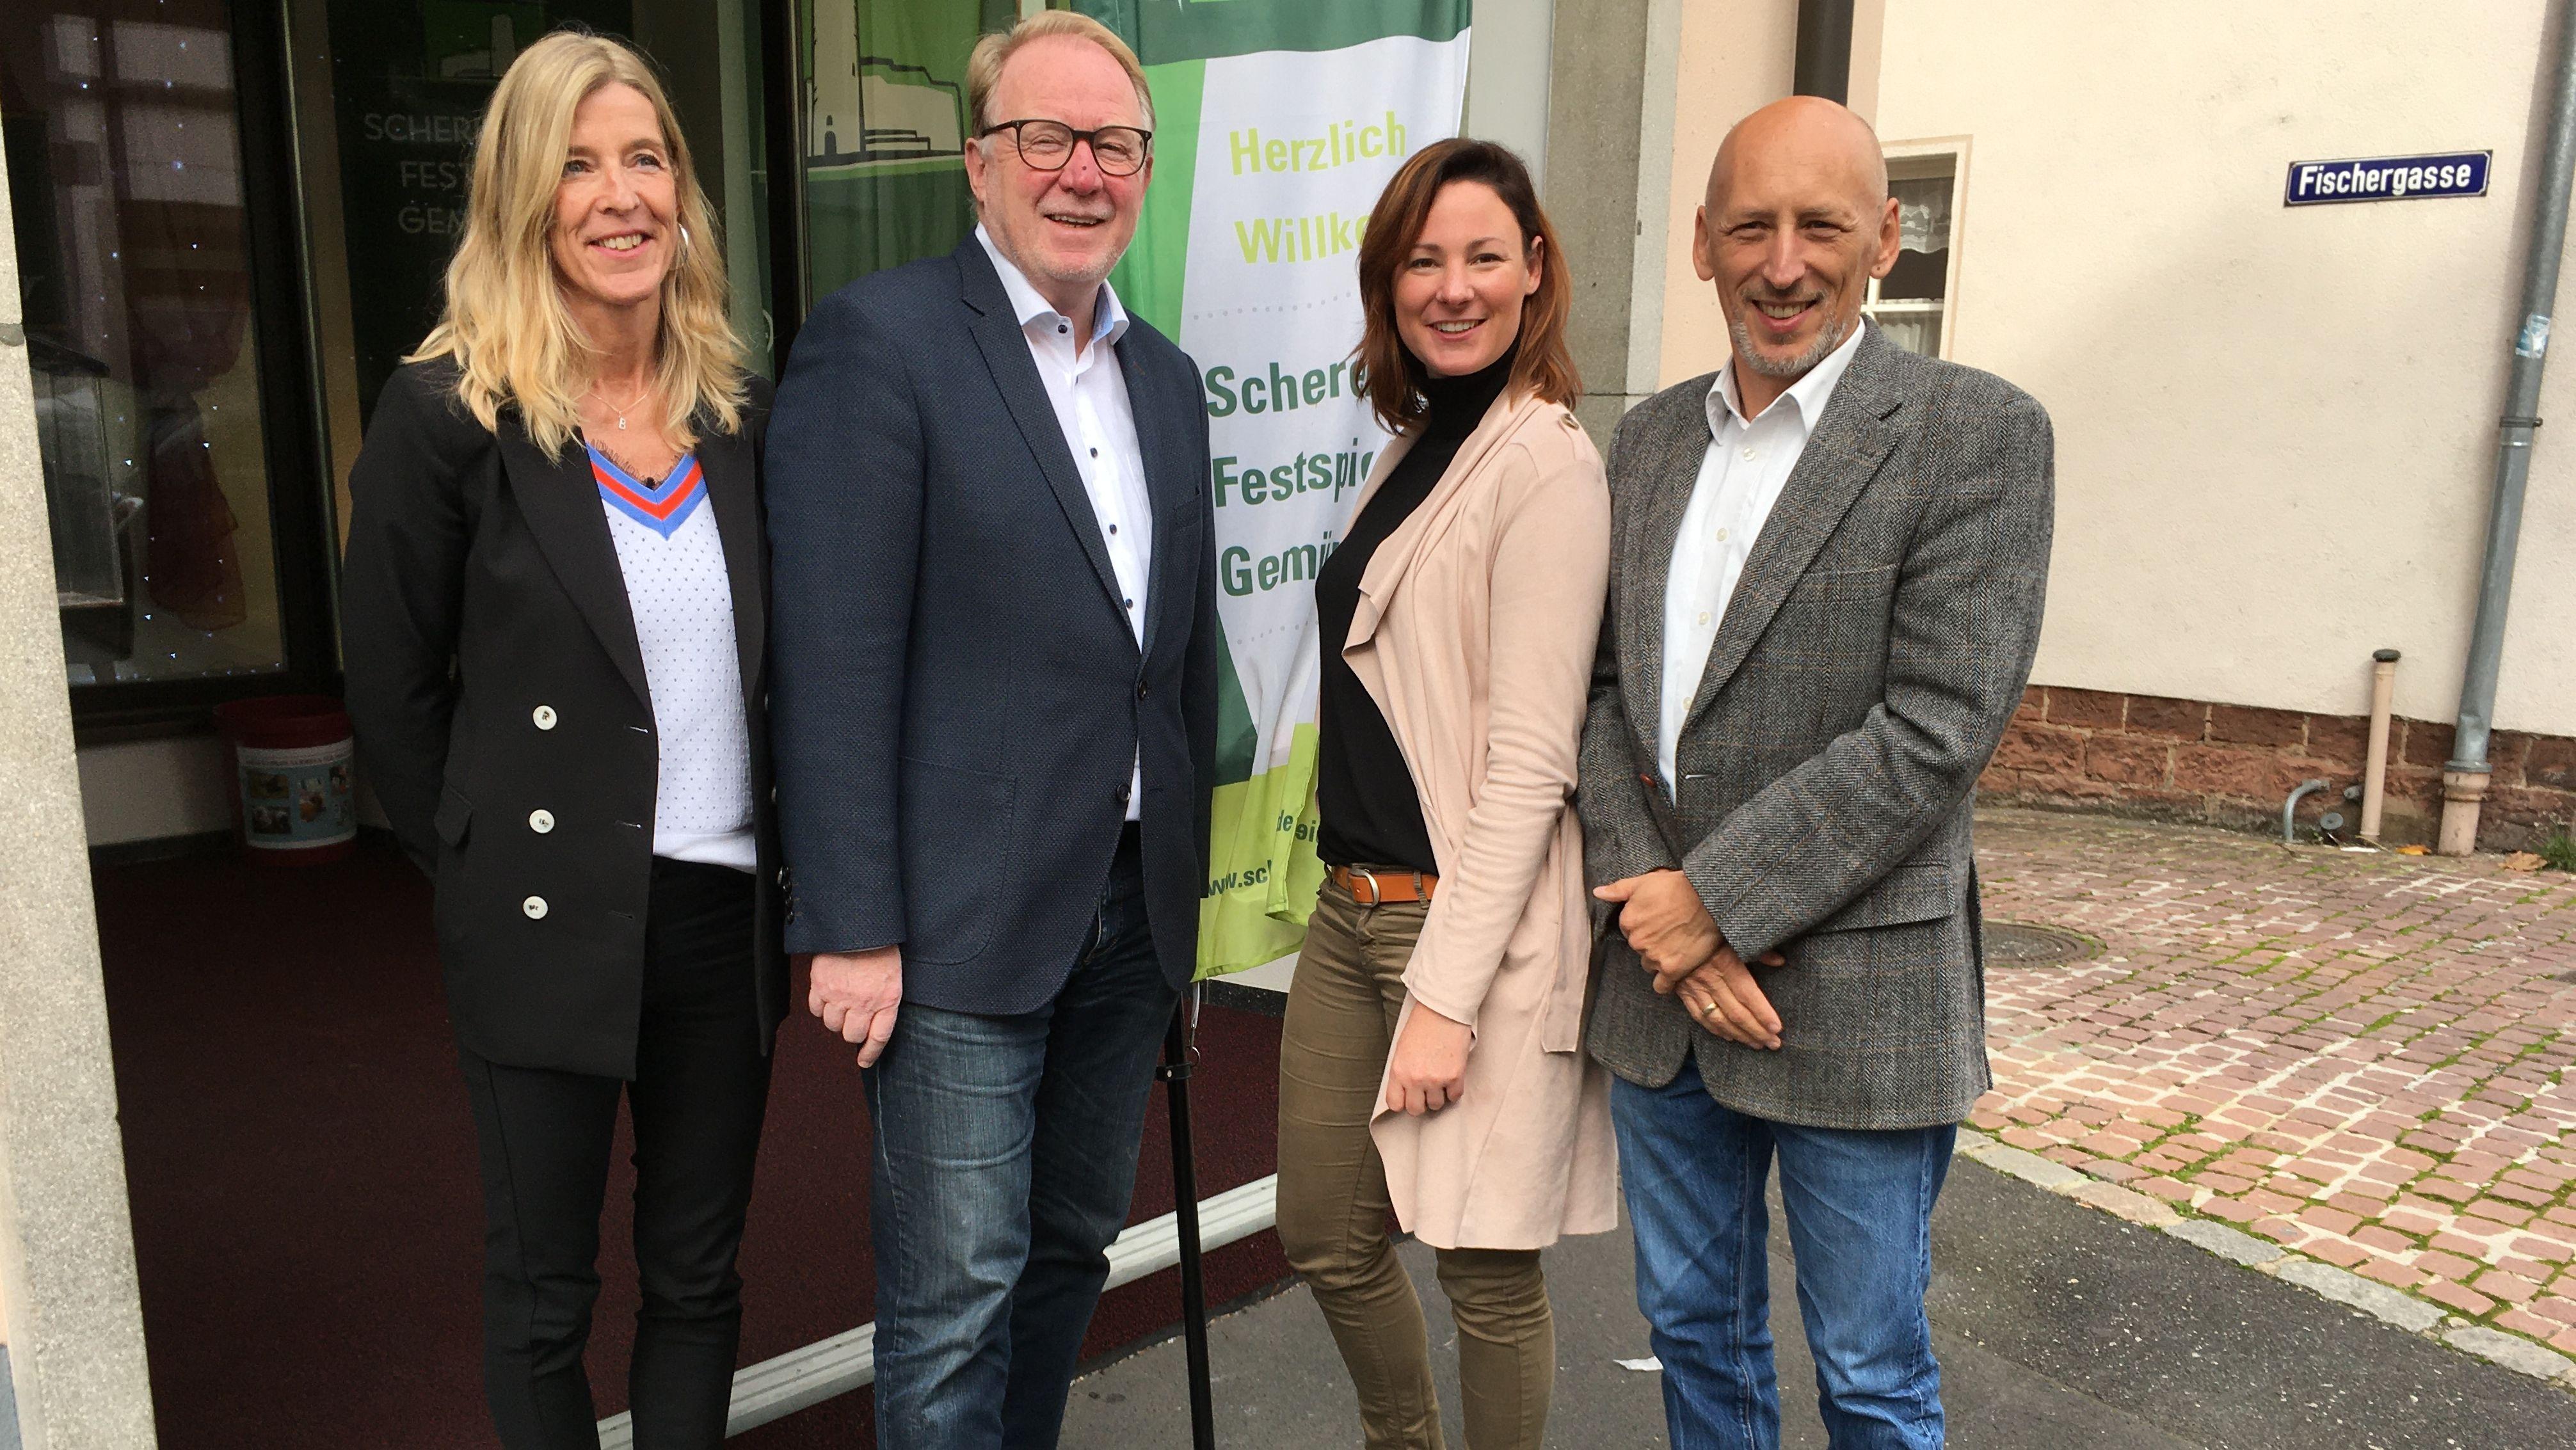 Stellten den Spielplan 2020 für die Scherenburg-Festspiele vor: Bianca Ditterich, Hans Michelbach, Julia Kiefer und Intendant Peter Cahn (v.l.n.r.)